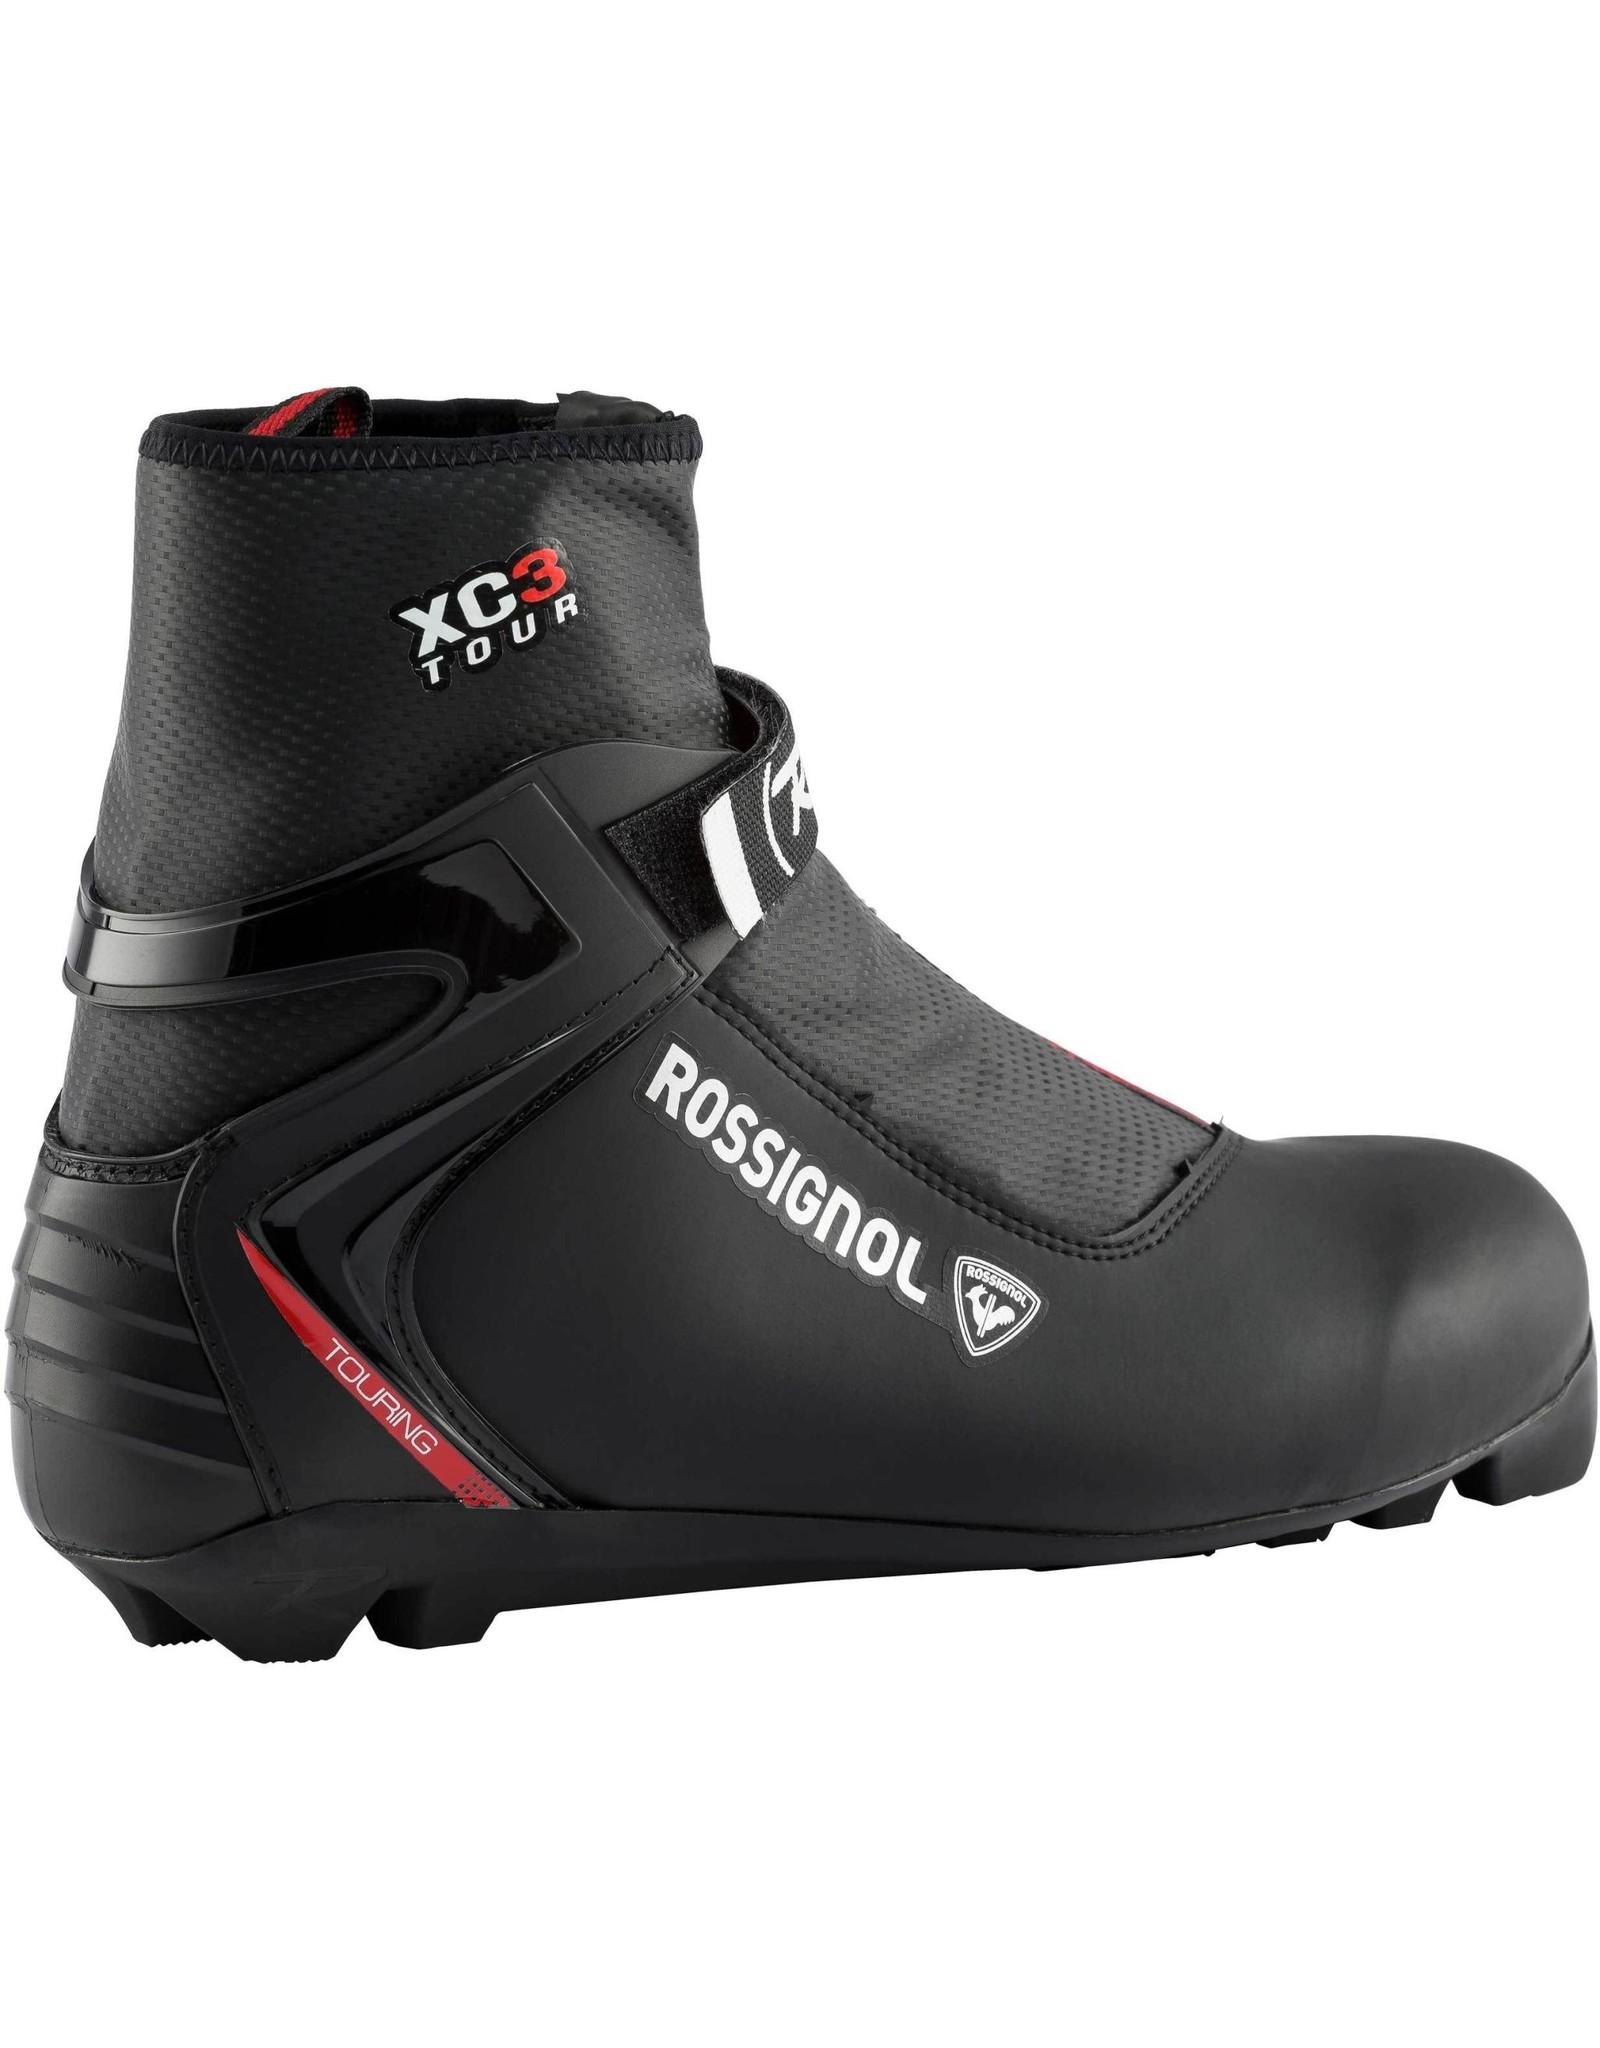 ROSSIGNOL Rossignol XC-3 unisex Nordic ski boot 22